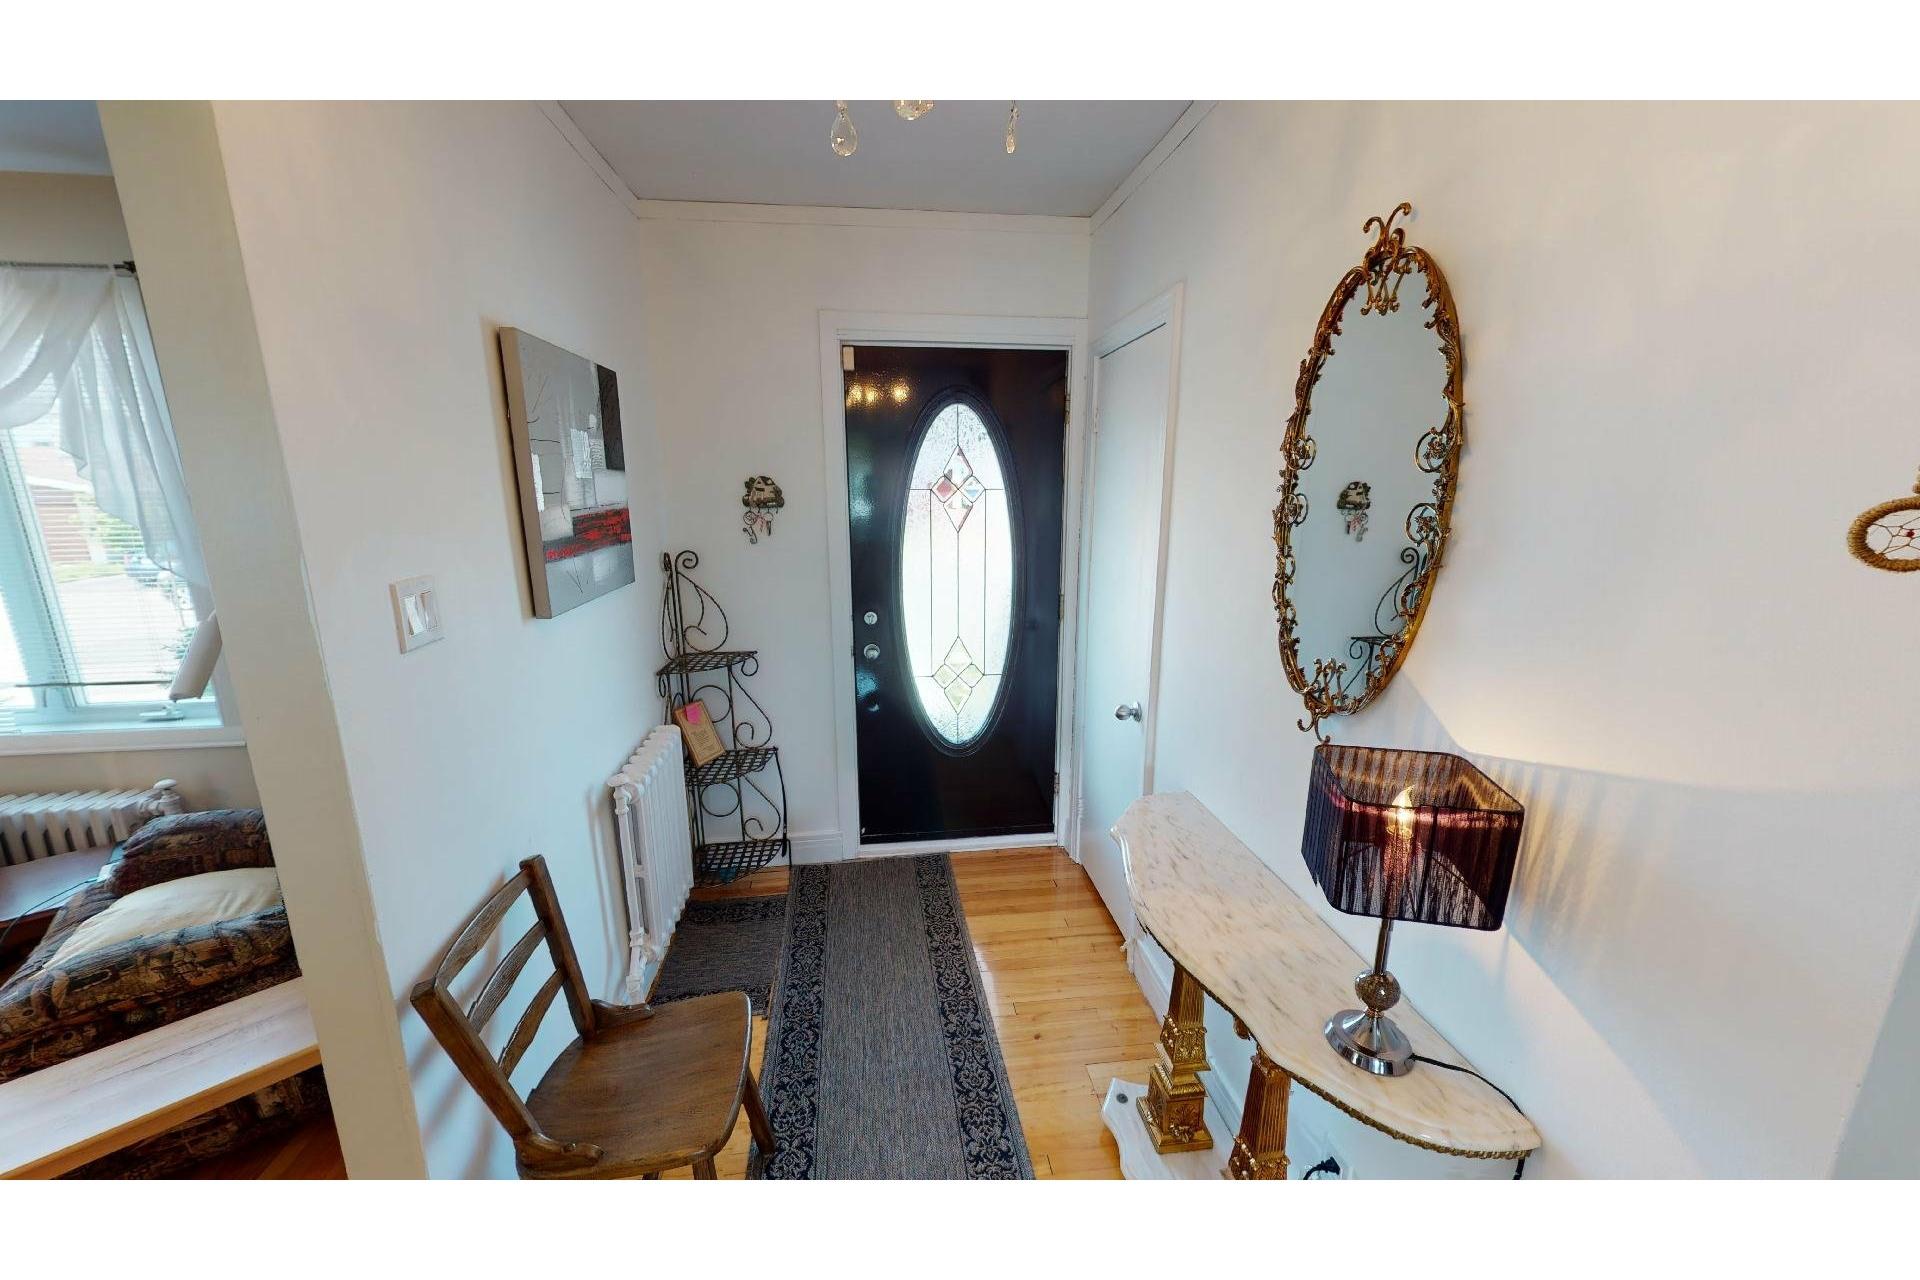 image 3 - Maison À vendre Shawinigan - 12 pièces